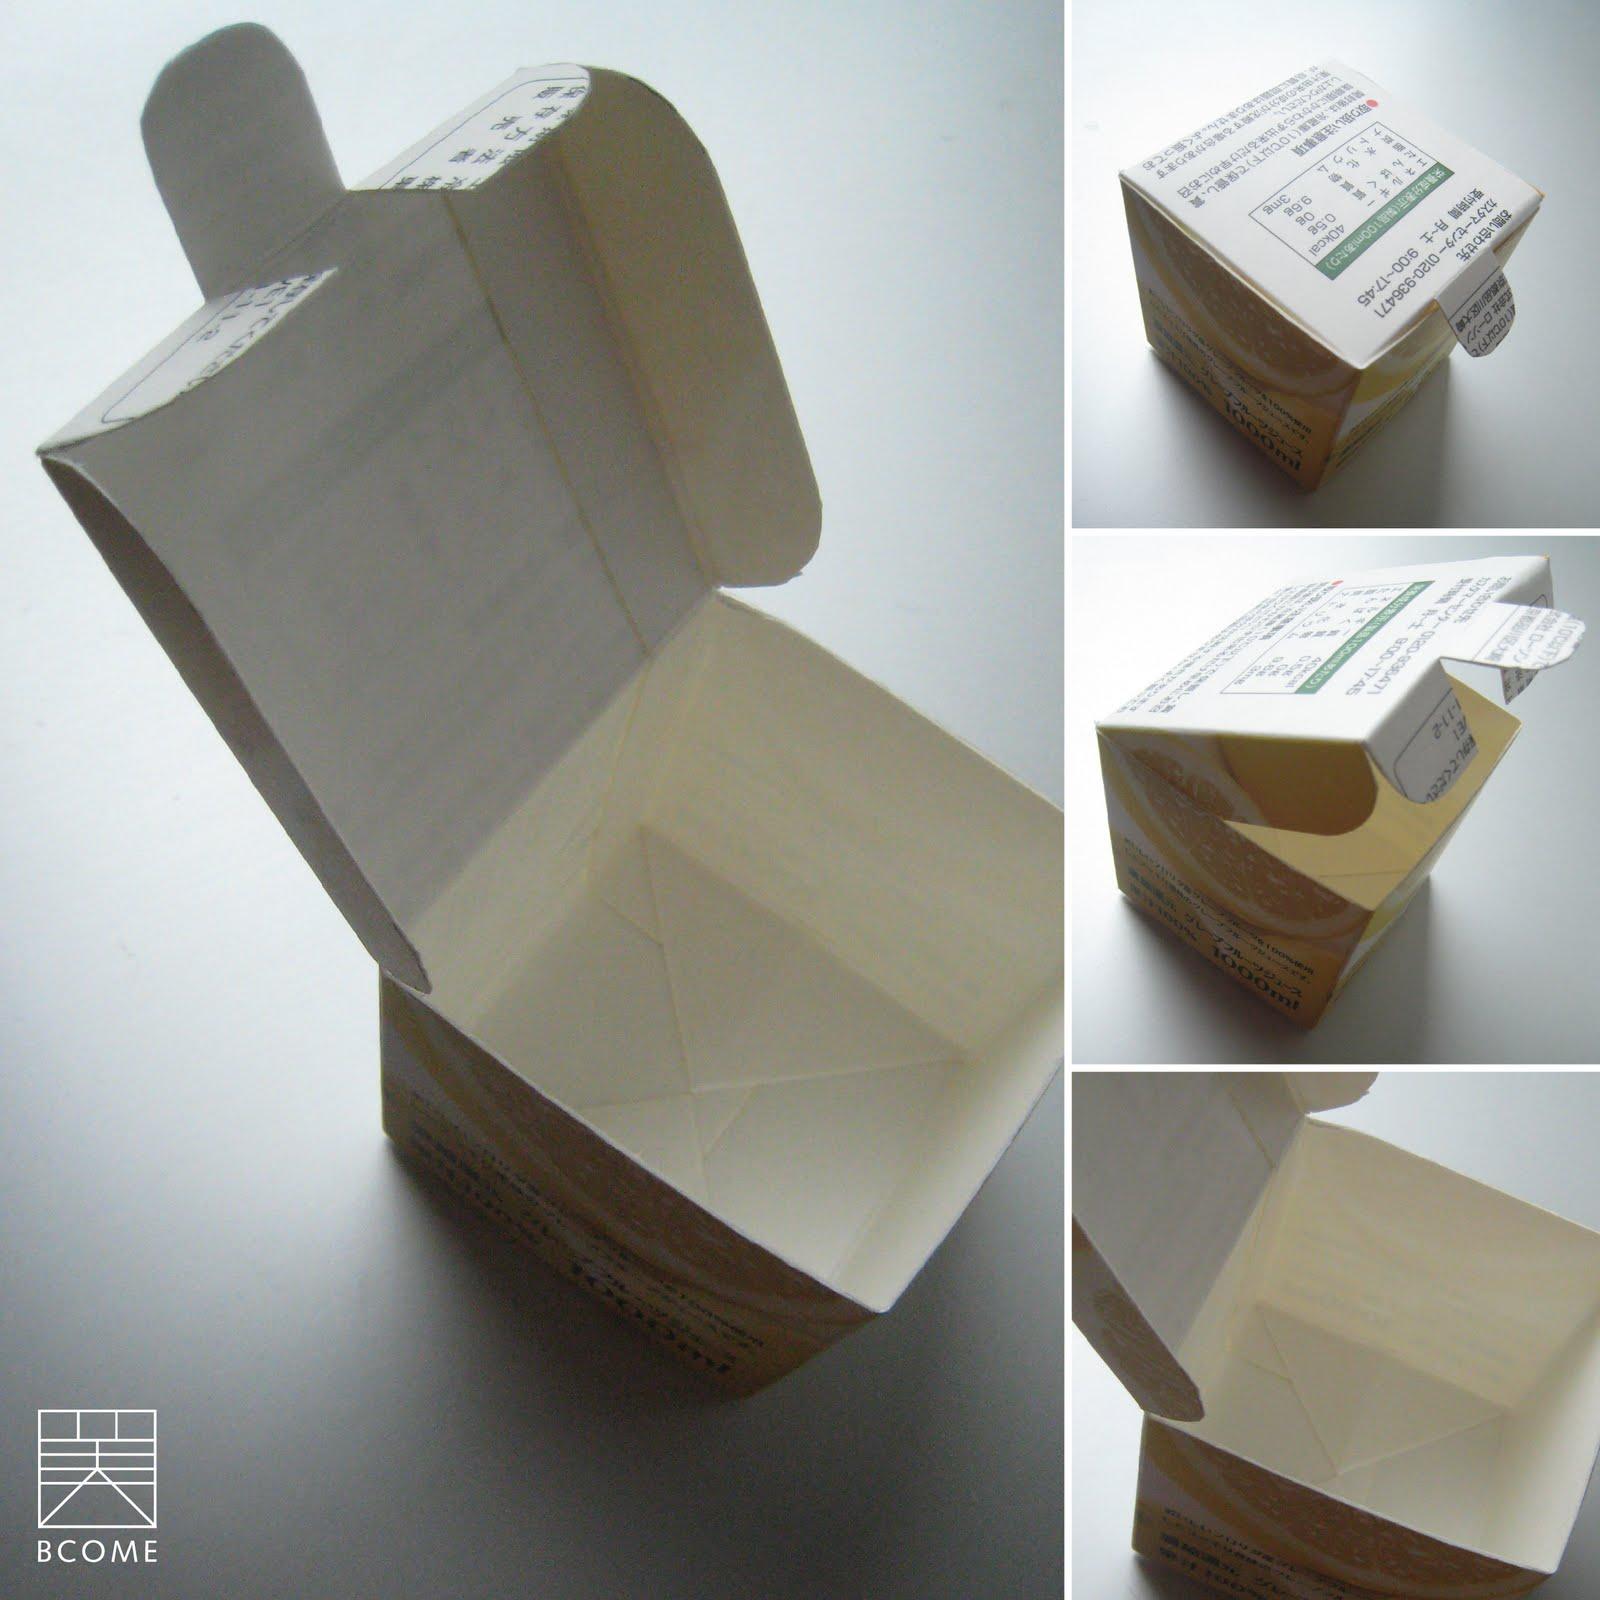 วิธีทำ กล่องมีฝาปิด ใส่ตู้เย็น เก็บผัก กล่องนม กล่องกระดาษ กล่อง กล่องน้ำผลไม้ ของใช้แล้ว ลดขยะ รีไซเคิล วัสดุเหลือใช้ ไอเดีย howto diy ลดโลกร้อน โลกสีเขียว โครงงาน กระดาษ กระดาษใช้แล้ว recycle reuse